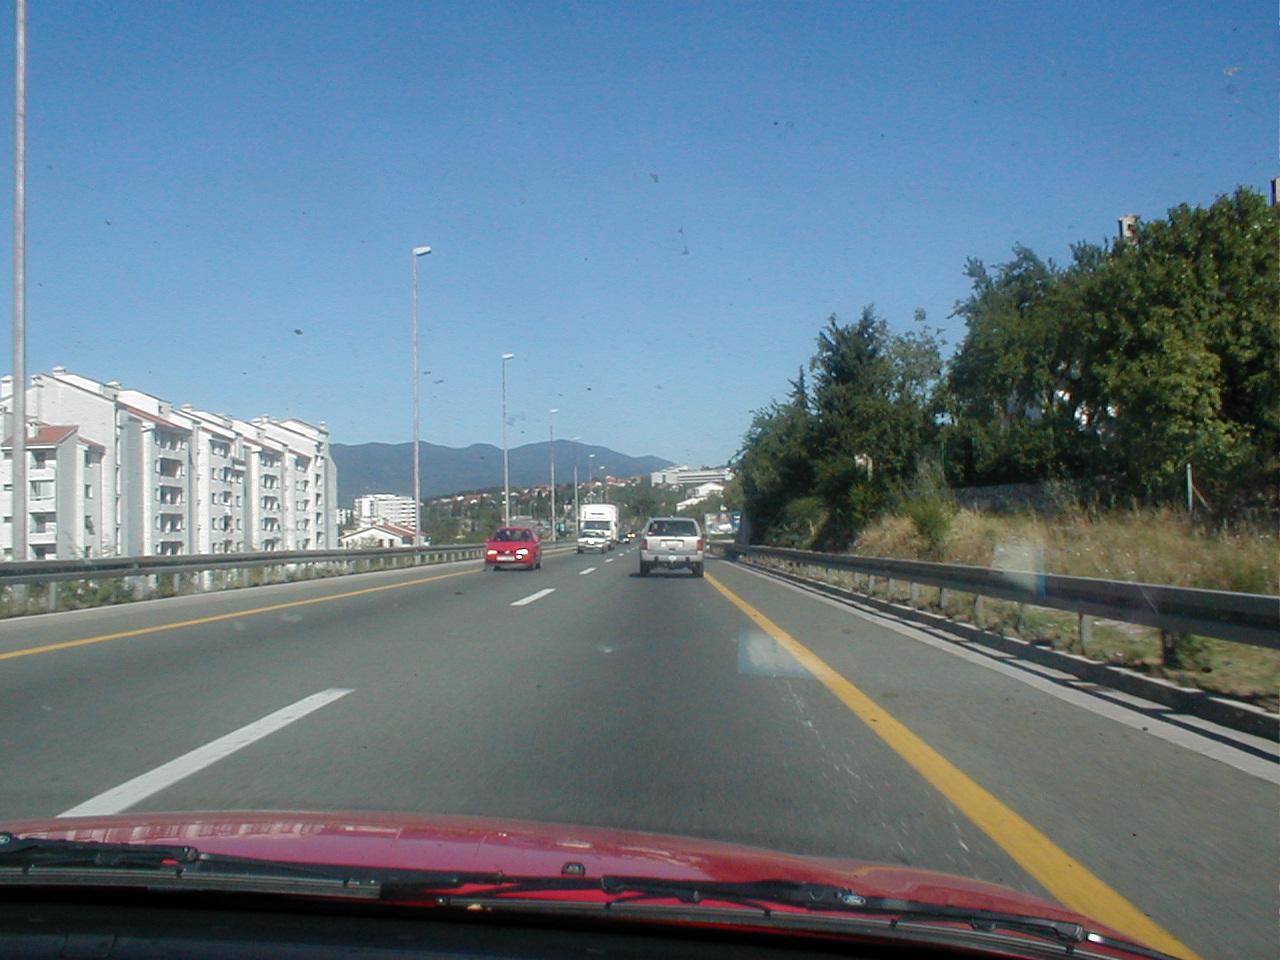 dario road freeway motorway driving car stripes